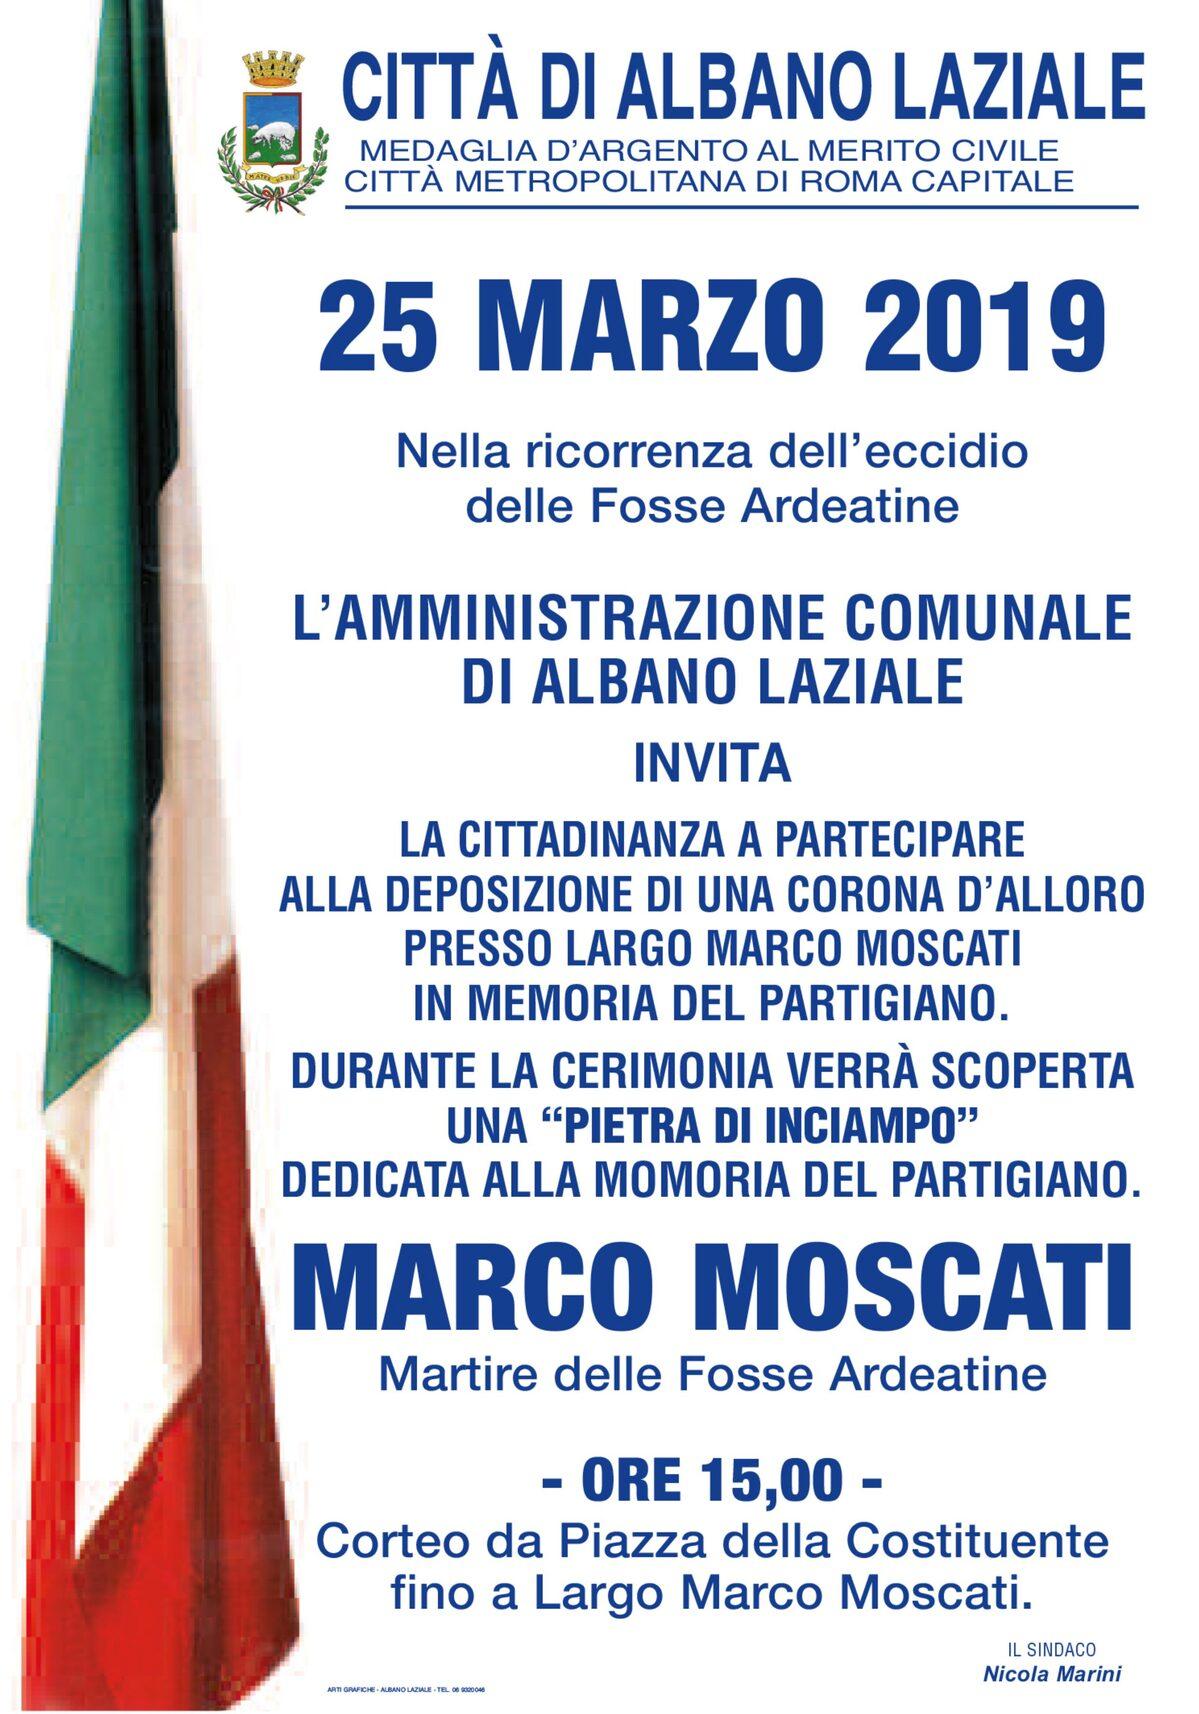 file di immagine contenente il programma della commemorazione